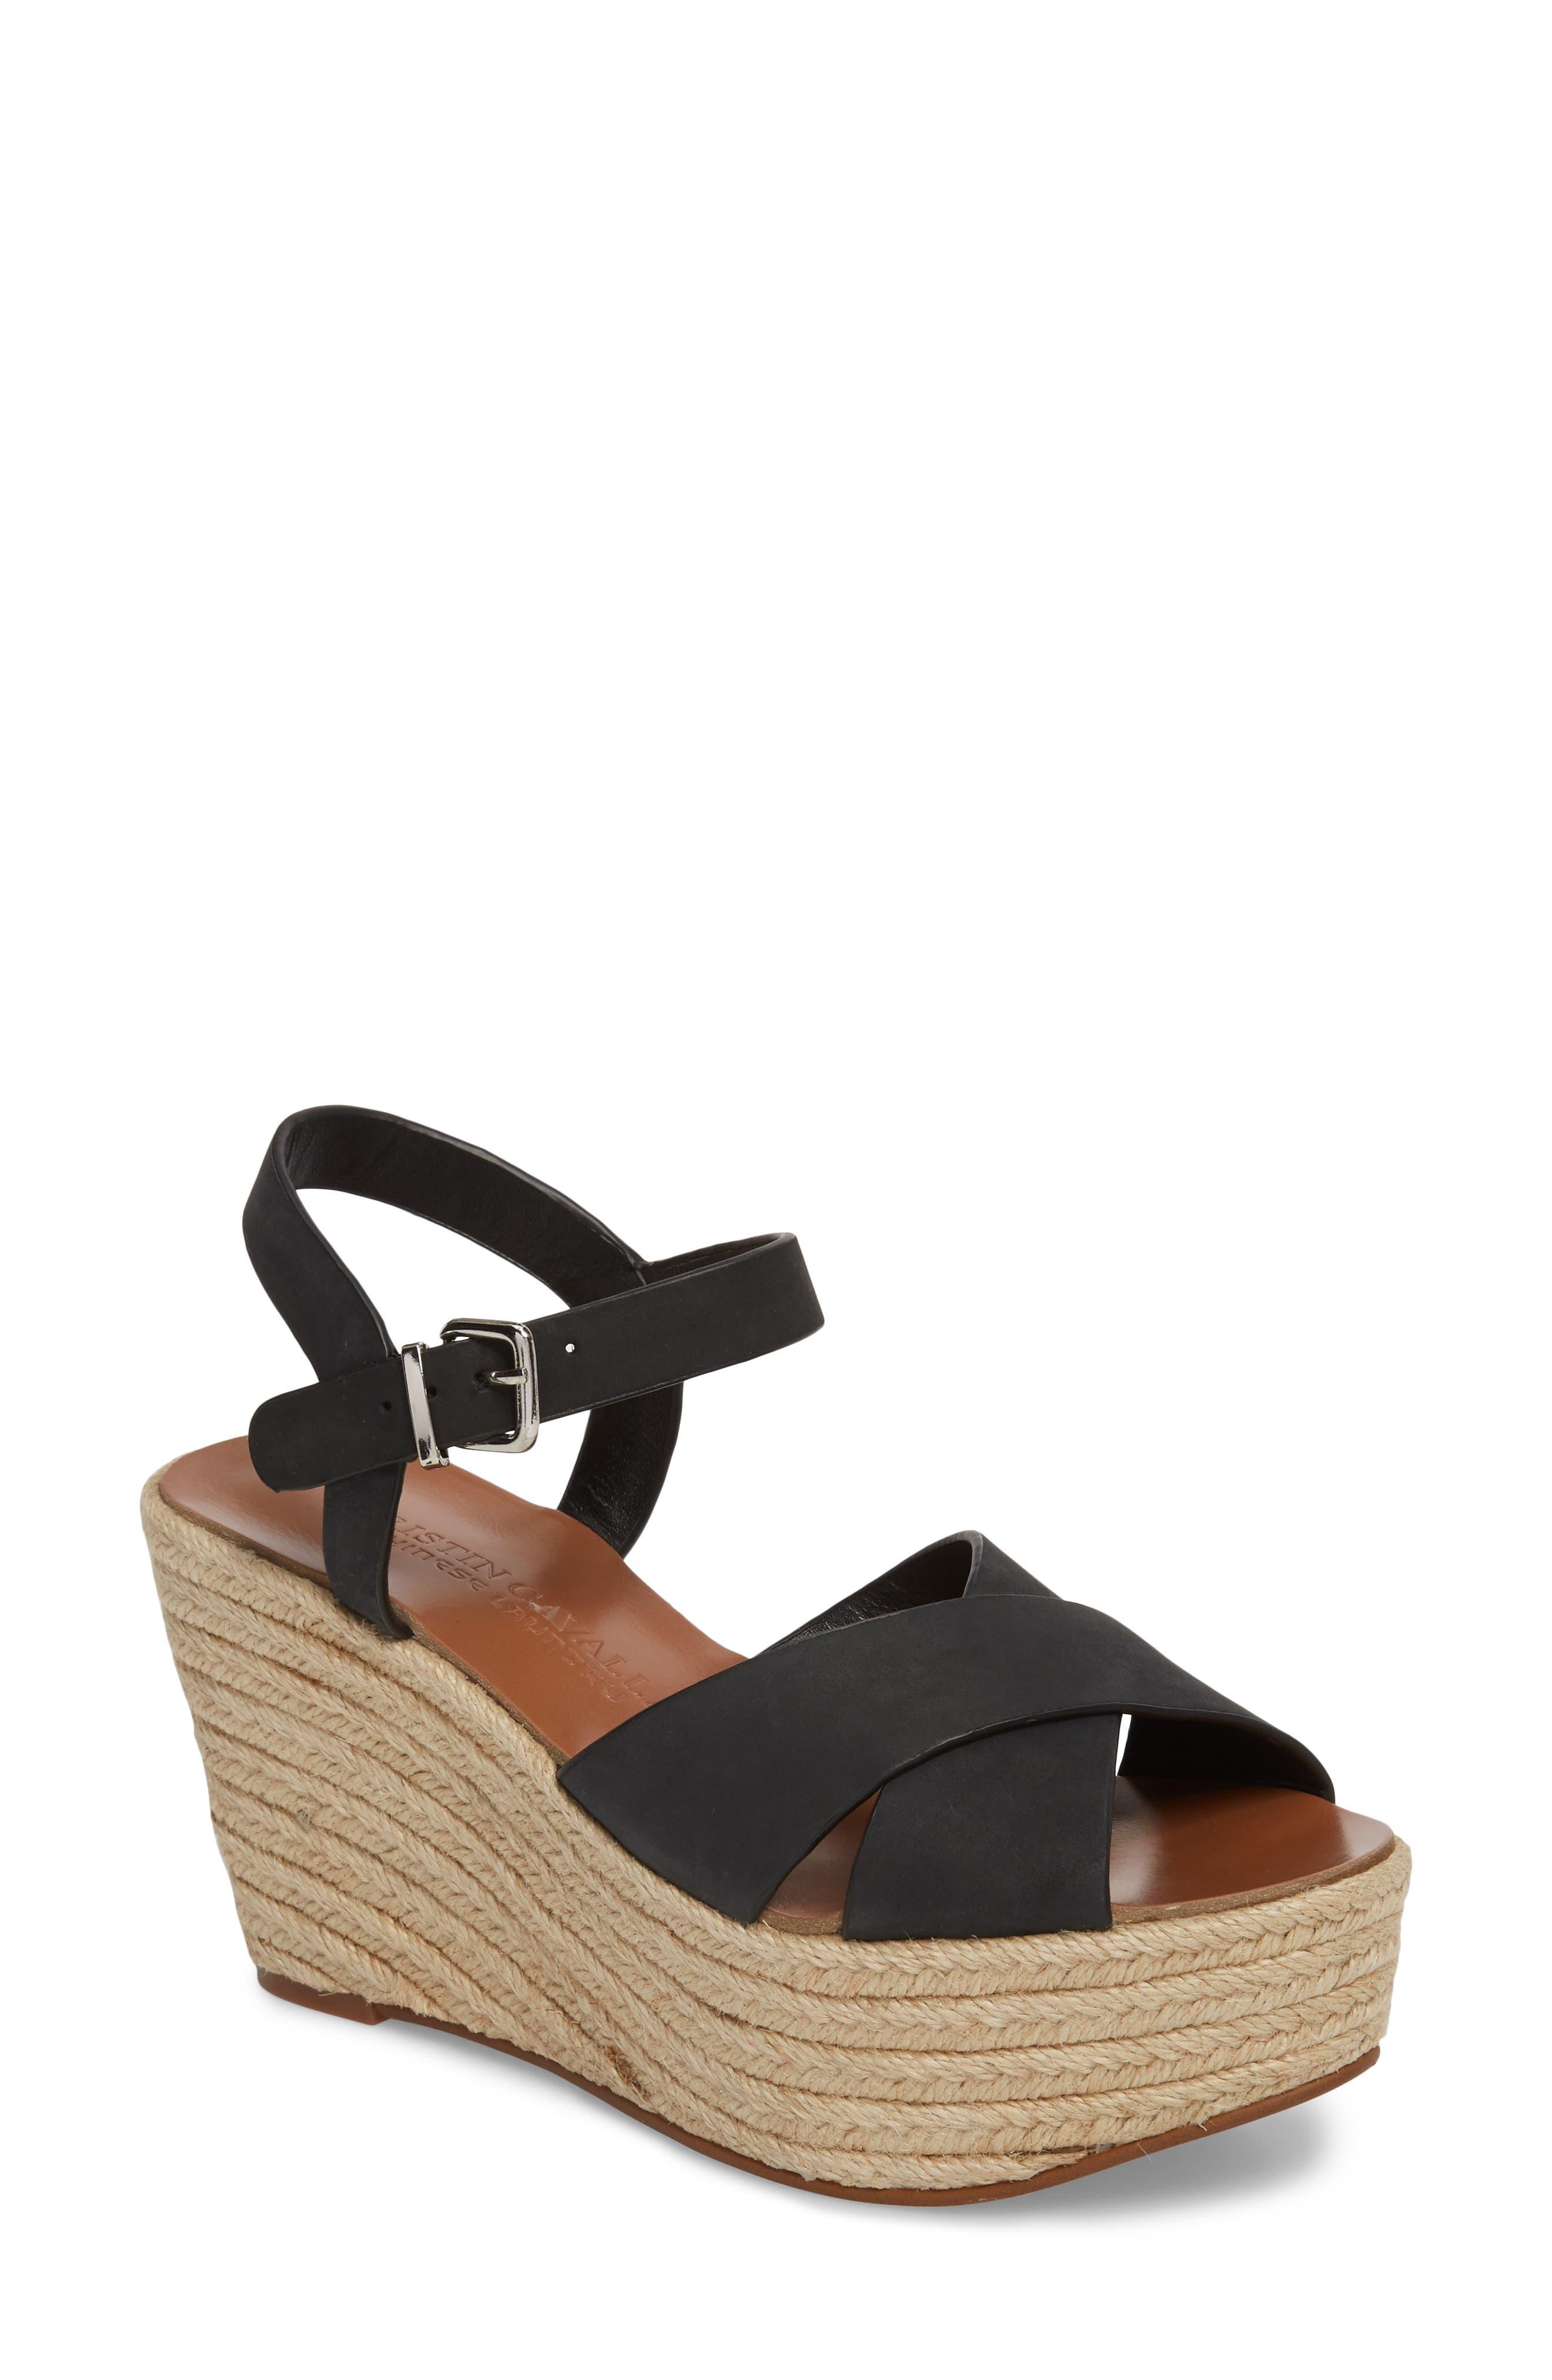 Mikah Espadrille Wedge Sandal,                         Main,                         color, 001